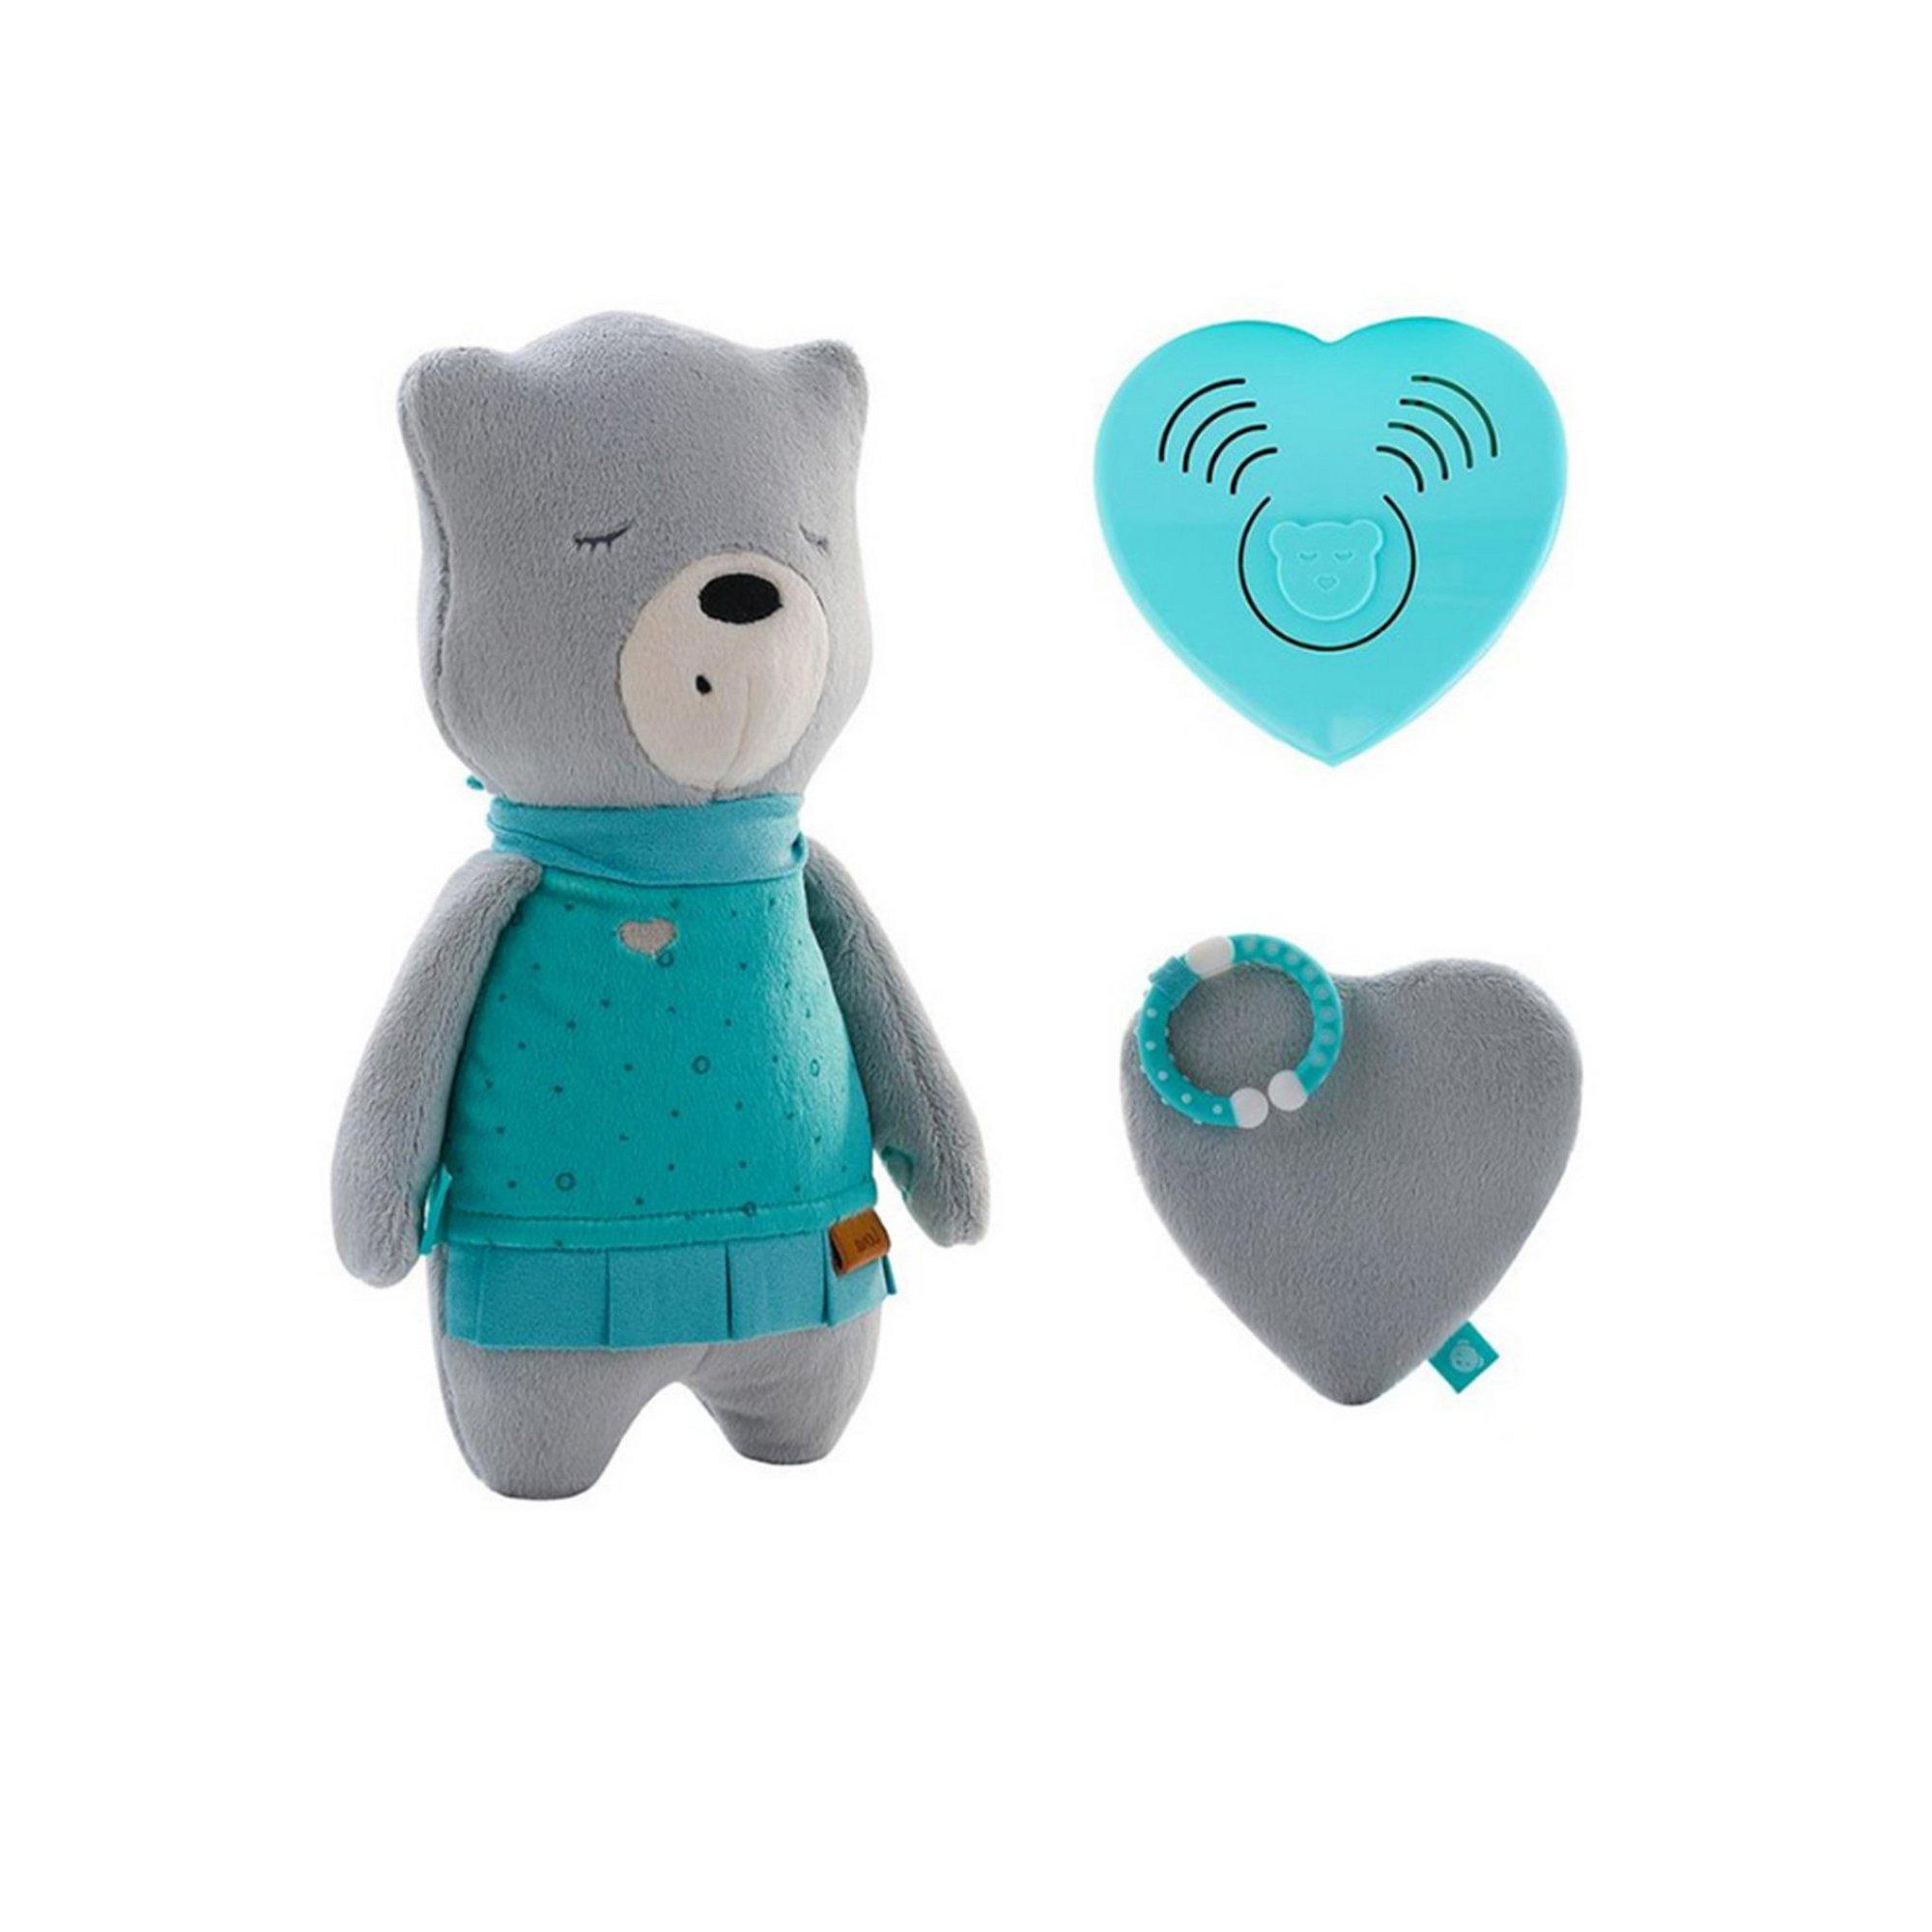 Image of myHummy - Lena with Sleep Sensor Sensory Heart